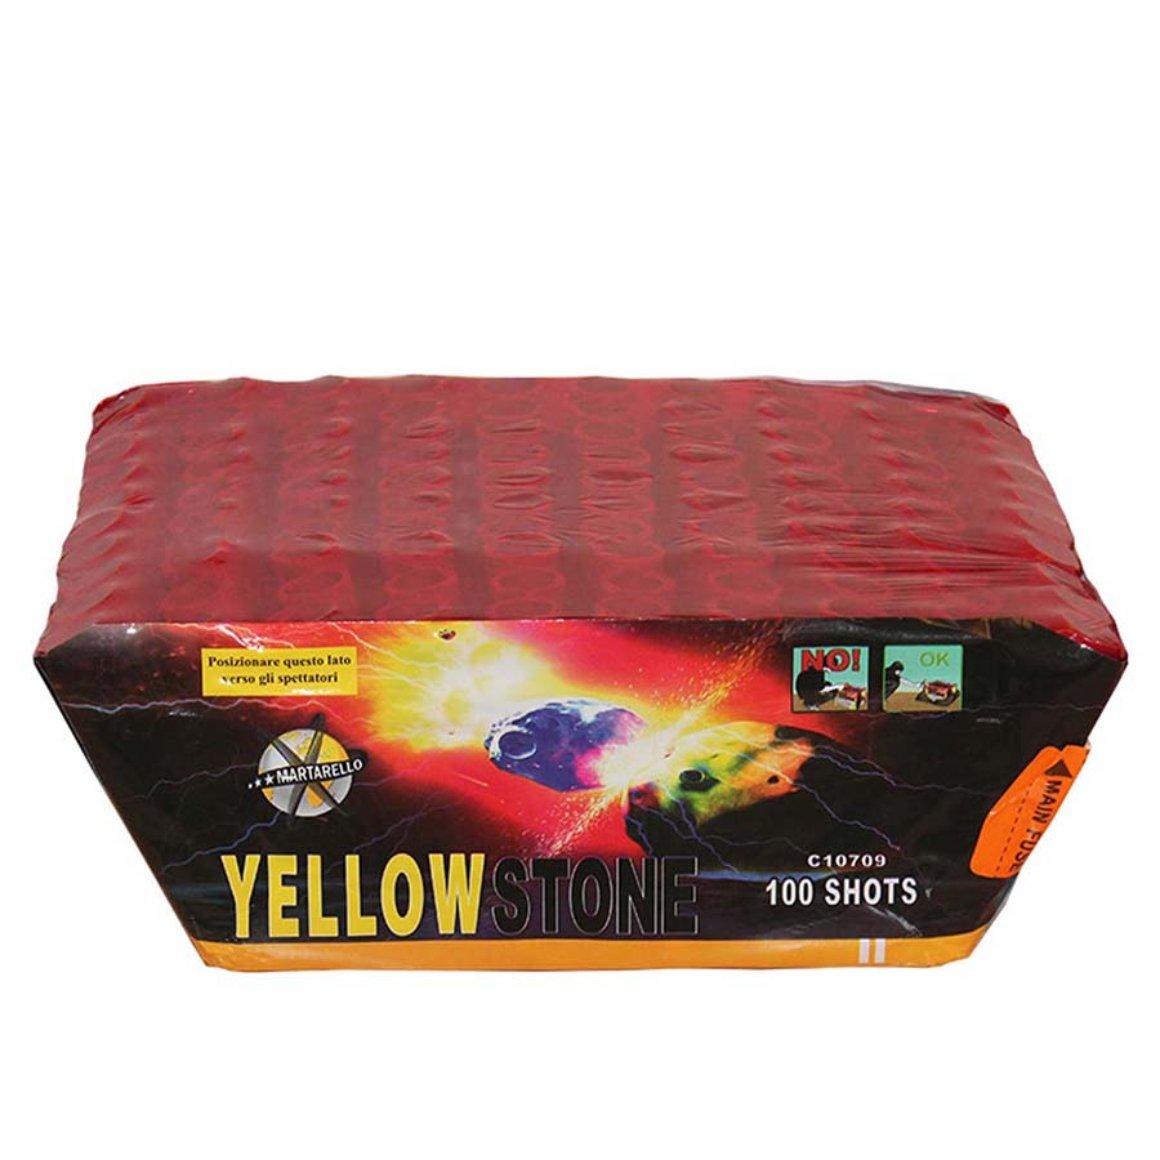 Yellowstone C10709